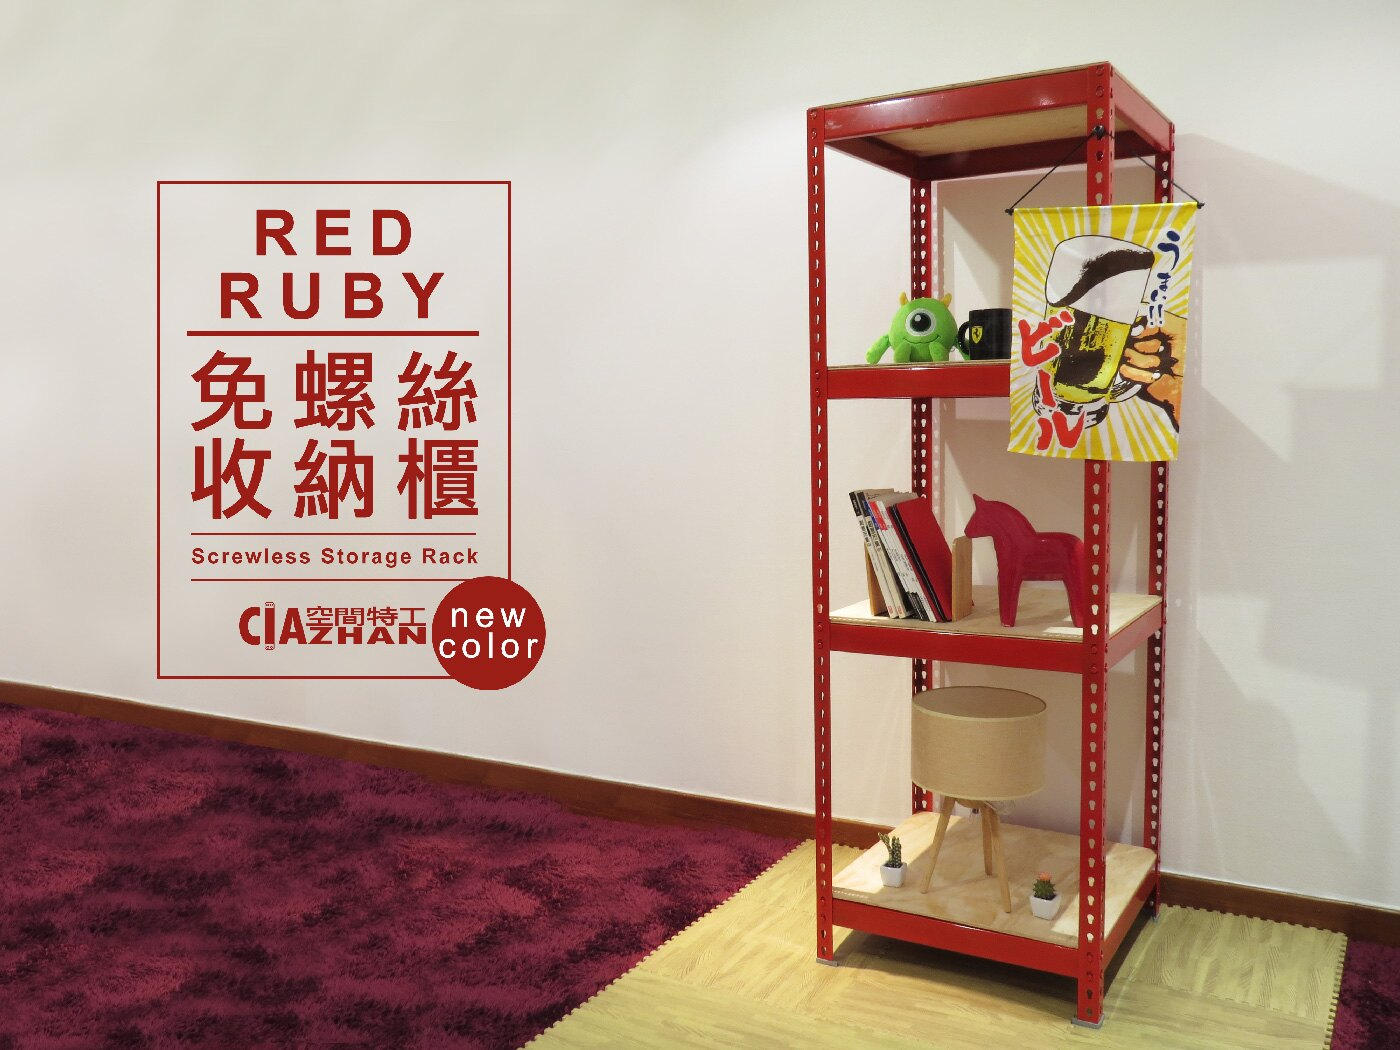 ♞空間特工♞ 置物架 書架 鞋櫃收納櫃(長1.5x深1.5尺x4層,高6尺 )紅色角鋼多功能組合架 現貨免運 - 限時優惠好康折扣